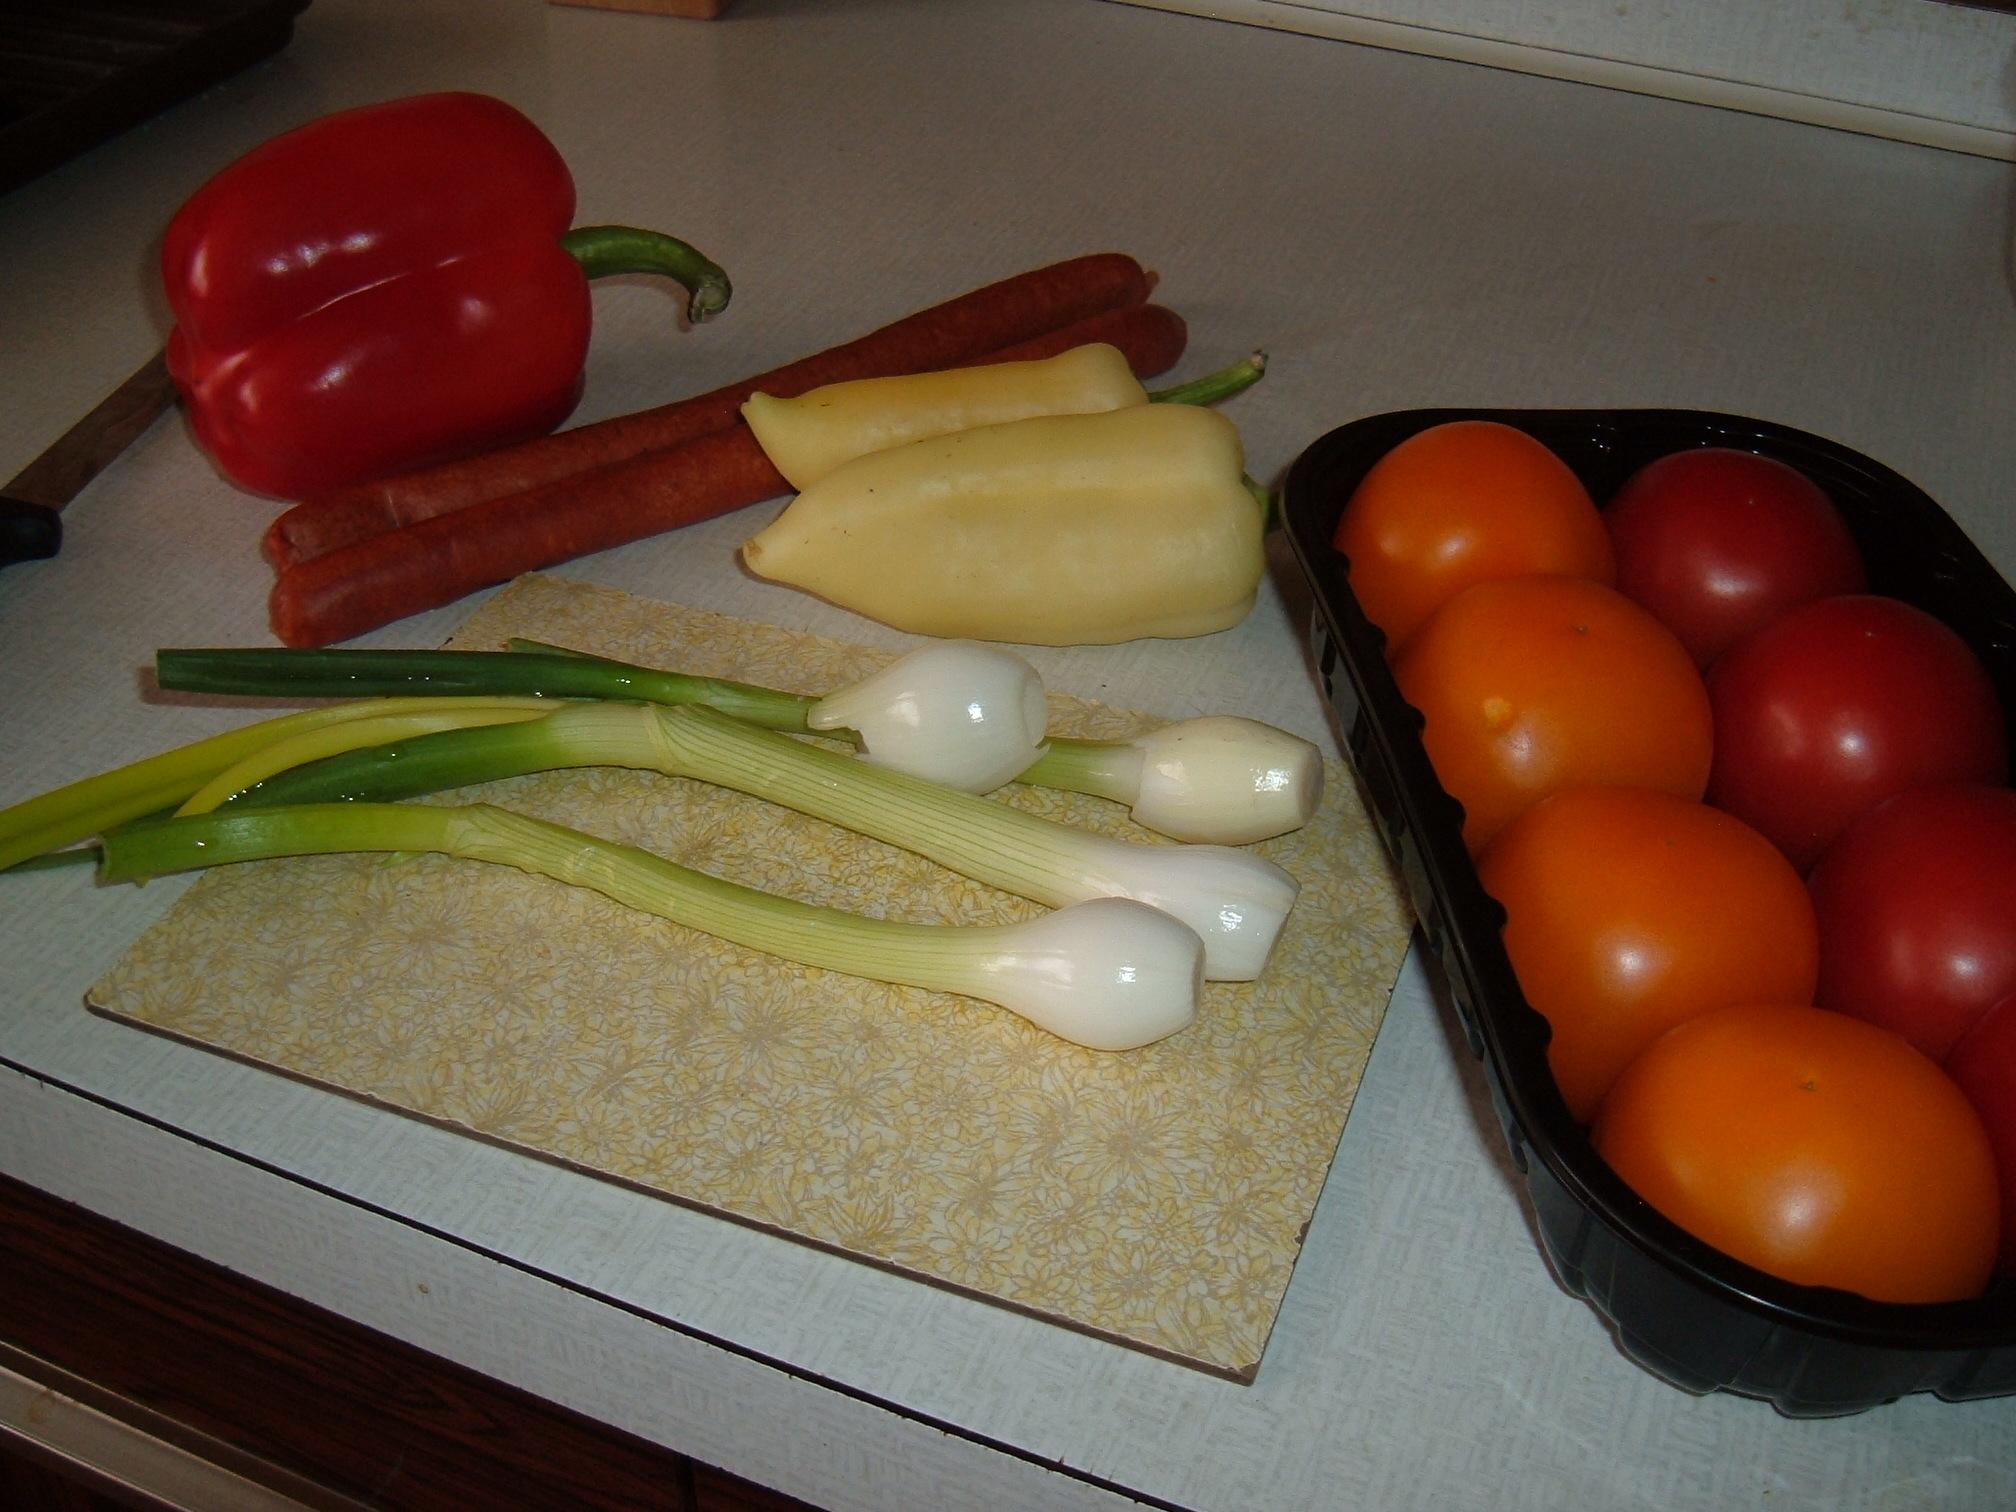 Recept Zeleninové lečo - Zelenina připravená na přípravu leča.